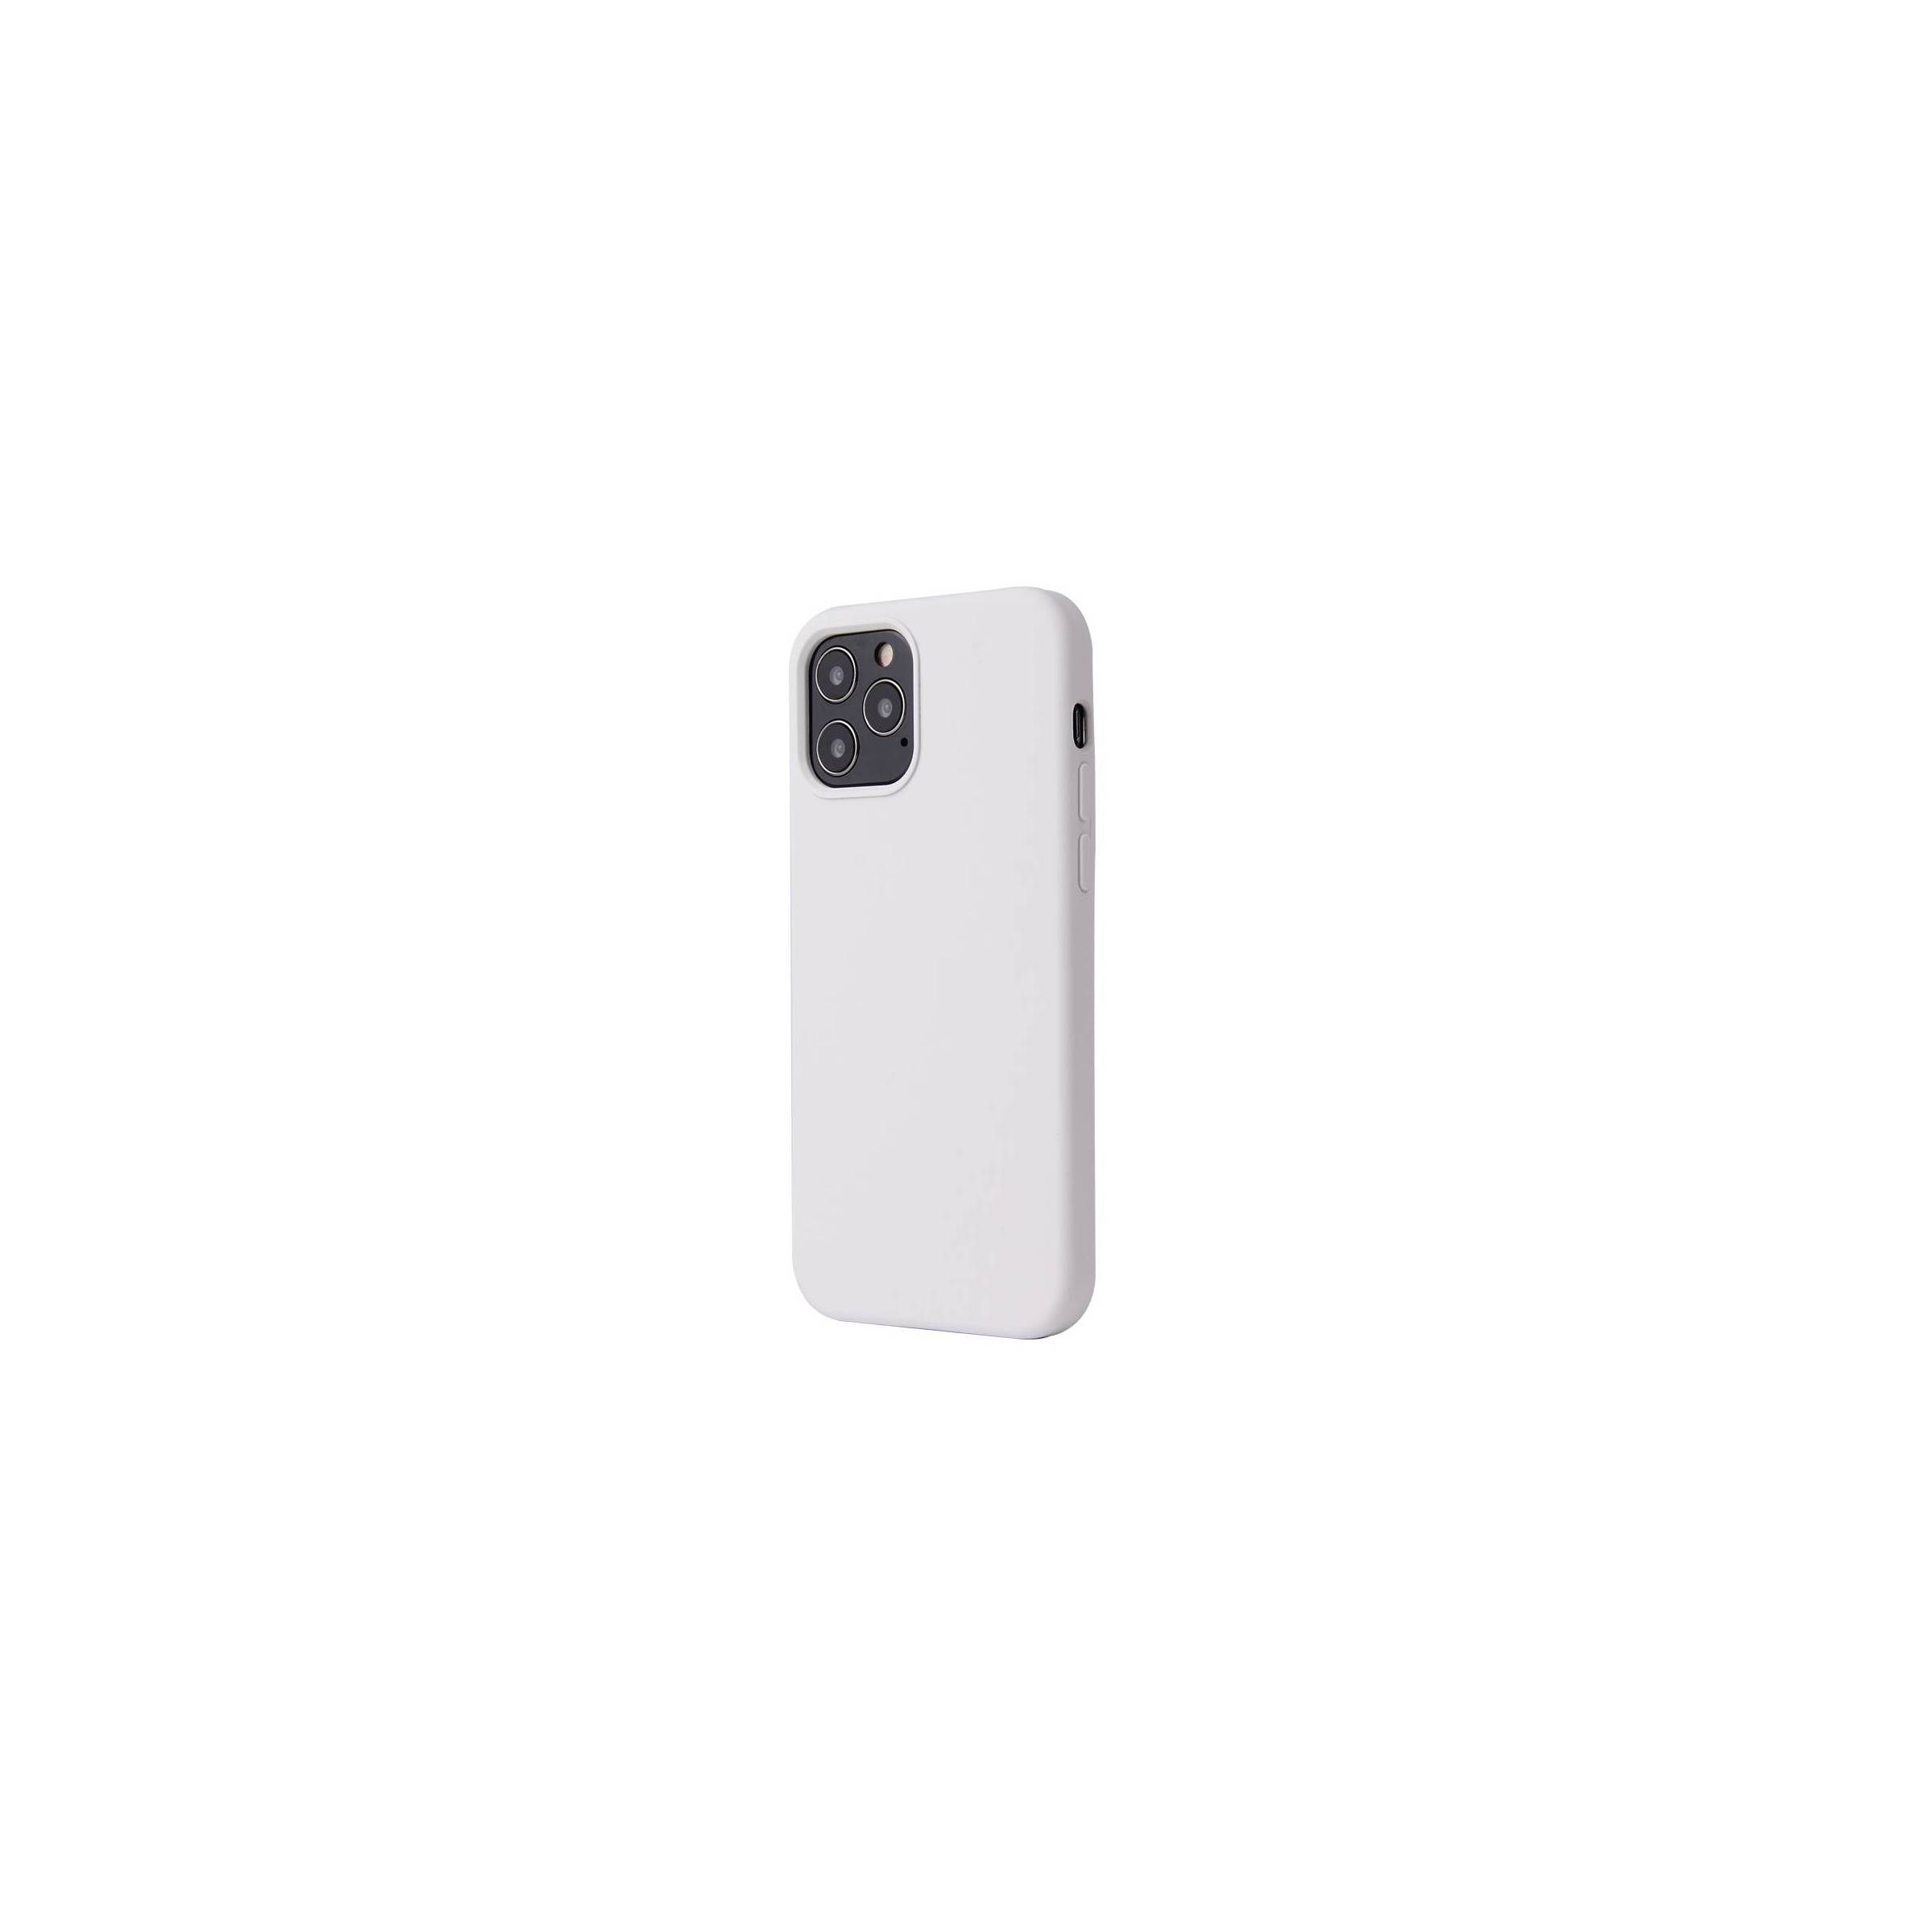 """Lækkert iphone 12 pro/ 12 silikone cover 6,1"""" flere farver farve hvid fra kina oem fra mackabler.dk"""